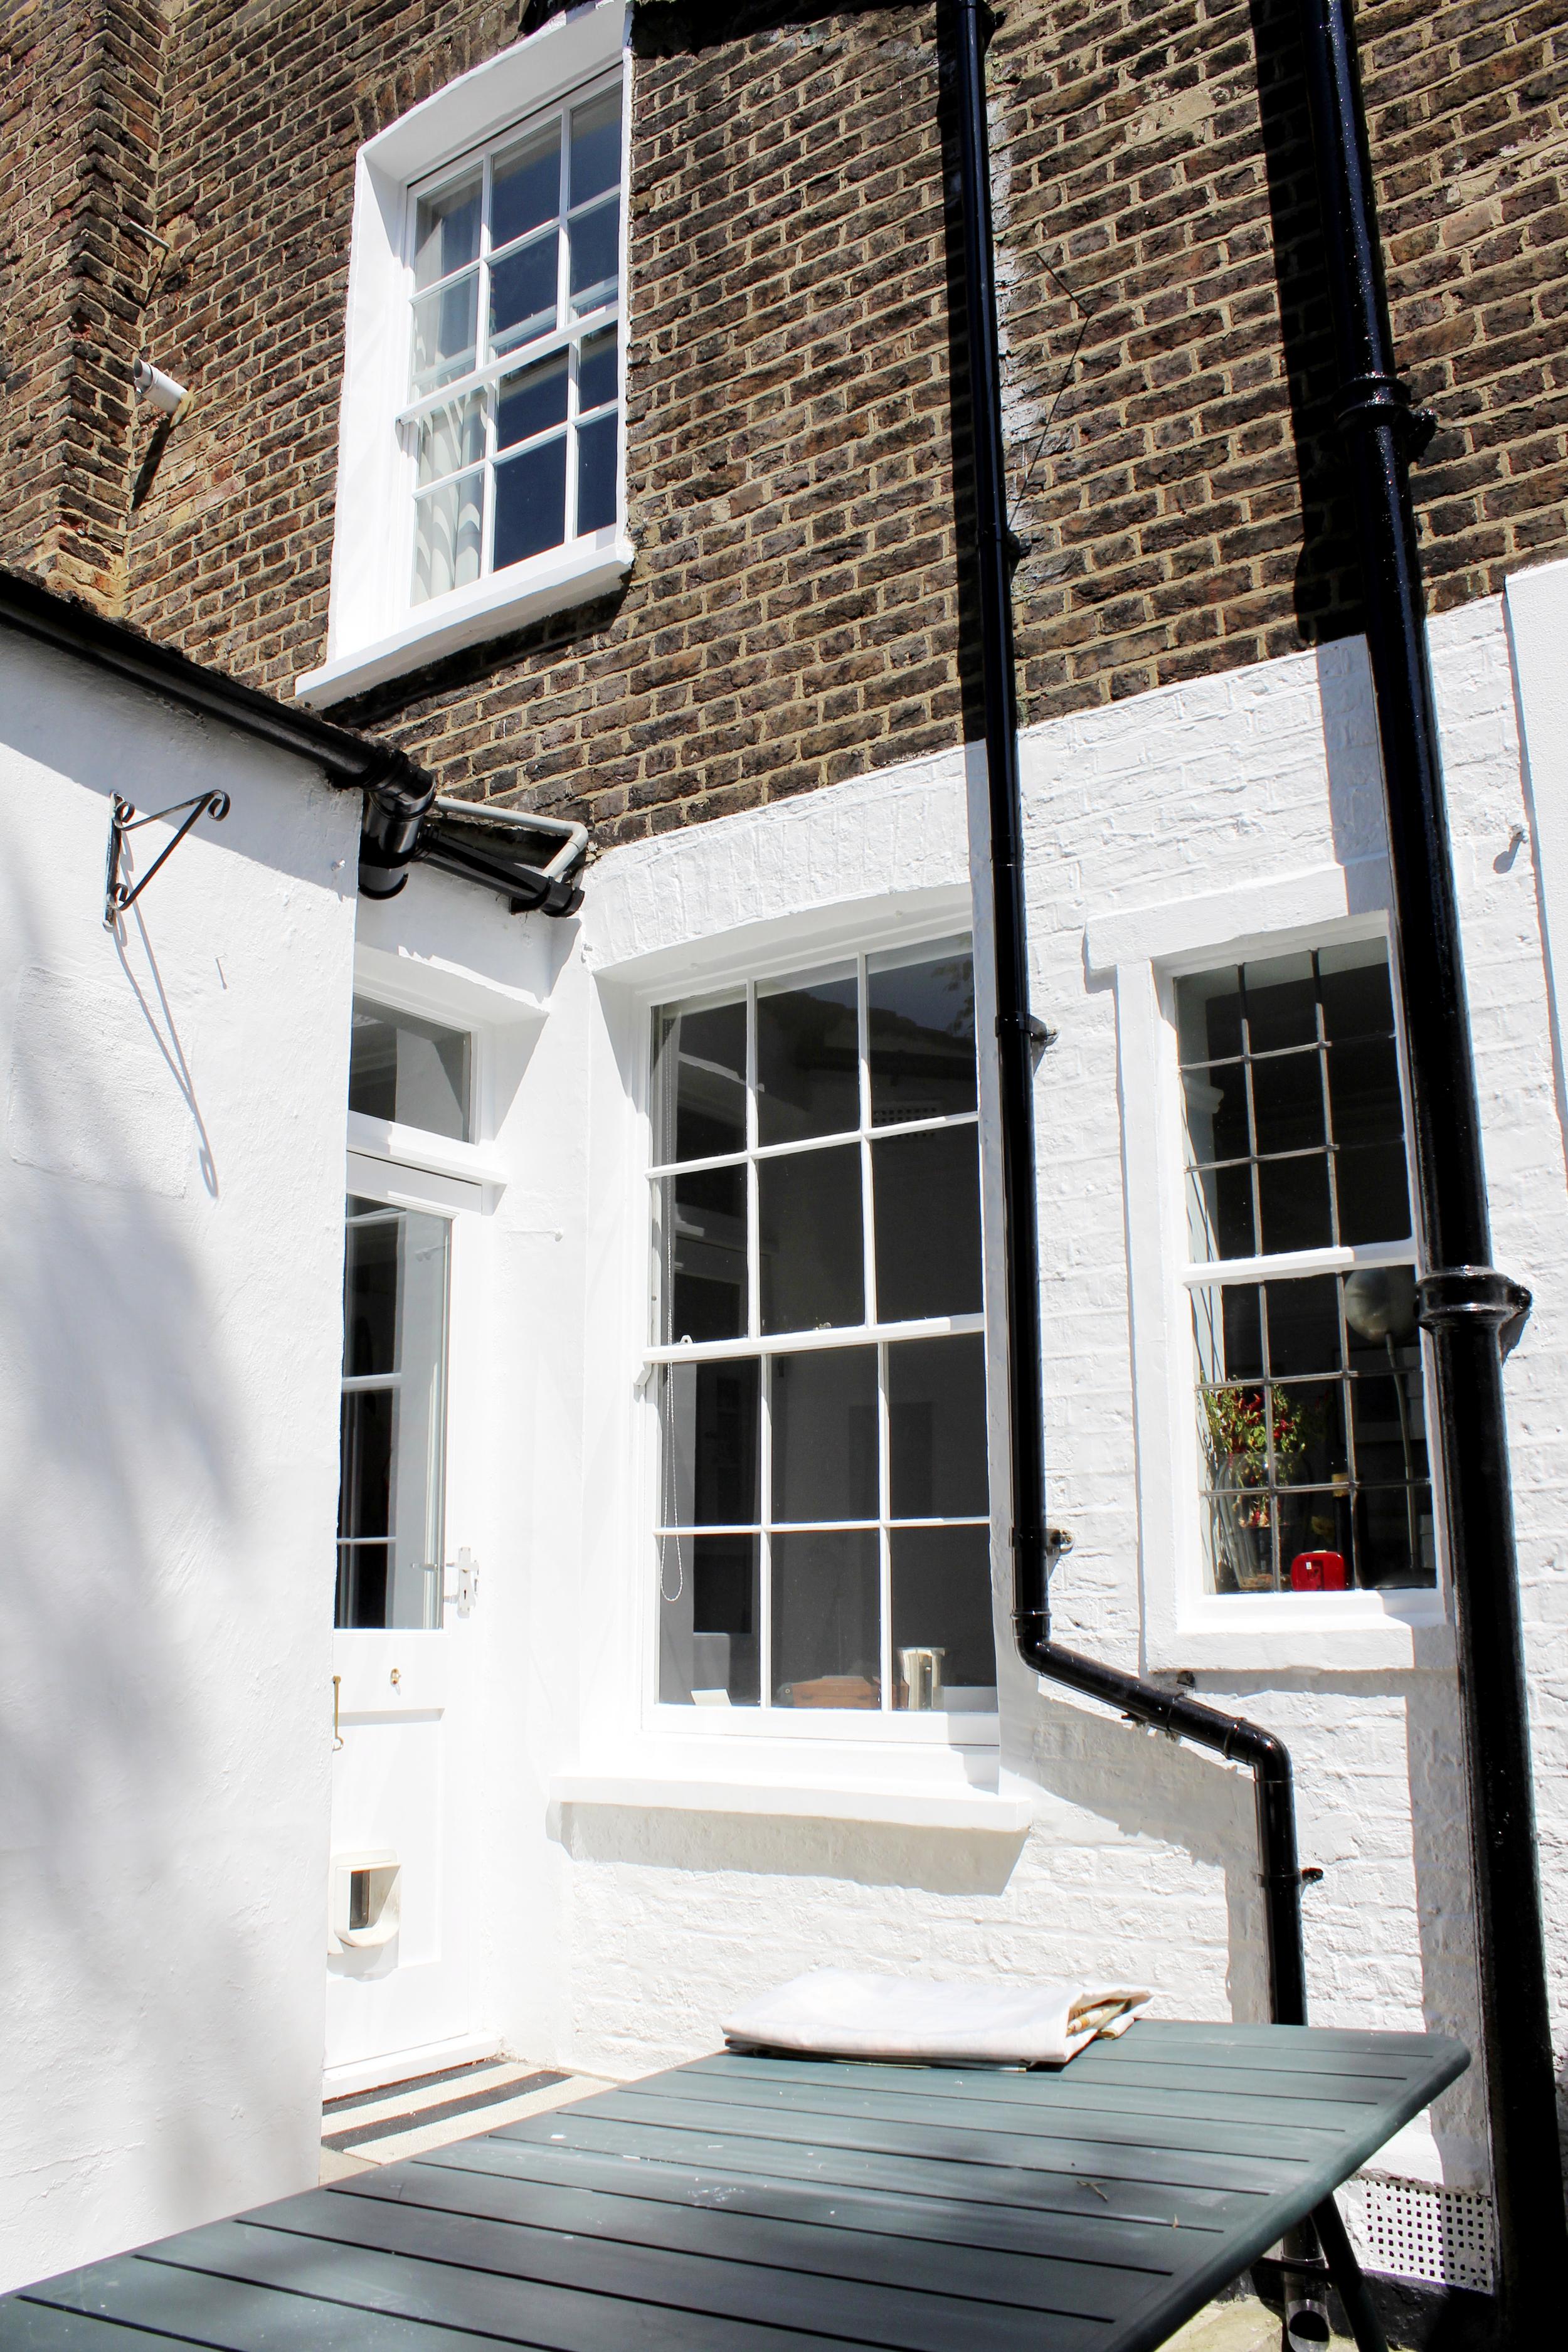 #NHRenovations #Painter #Decorator #London #Kentishtown #Kentish #Listedbuilding #Backgarden #Windows #Masonry #Dulux #Smoothmasonry #Exterior #Building #Finishedcoat #Beautiful